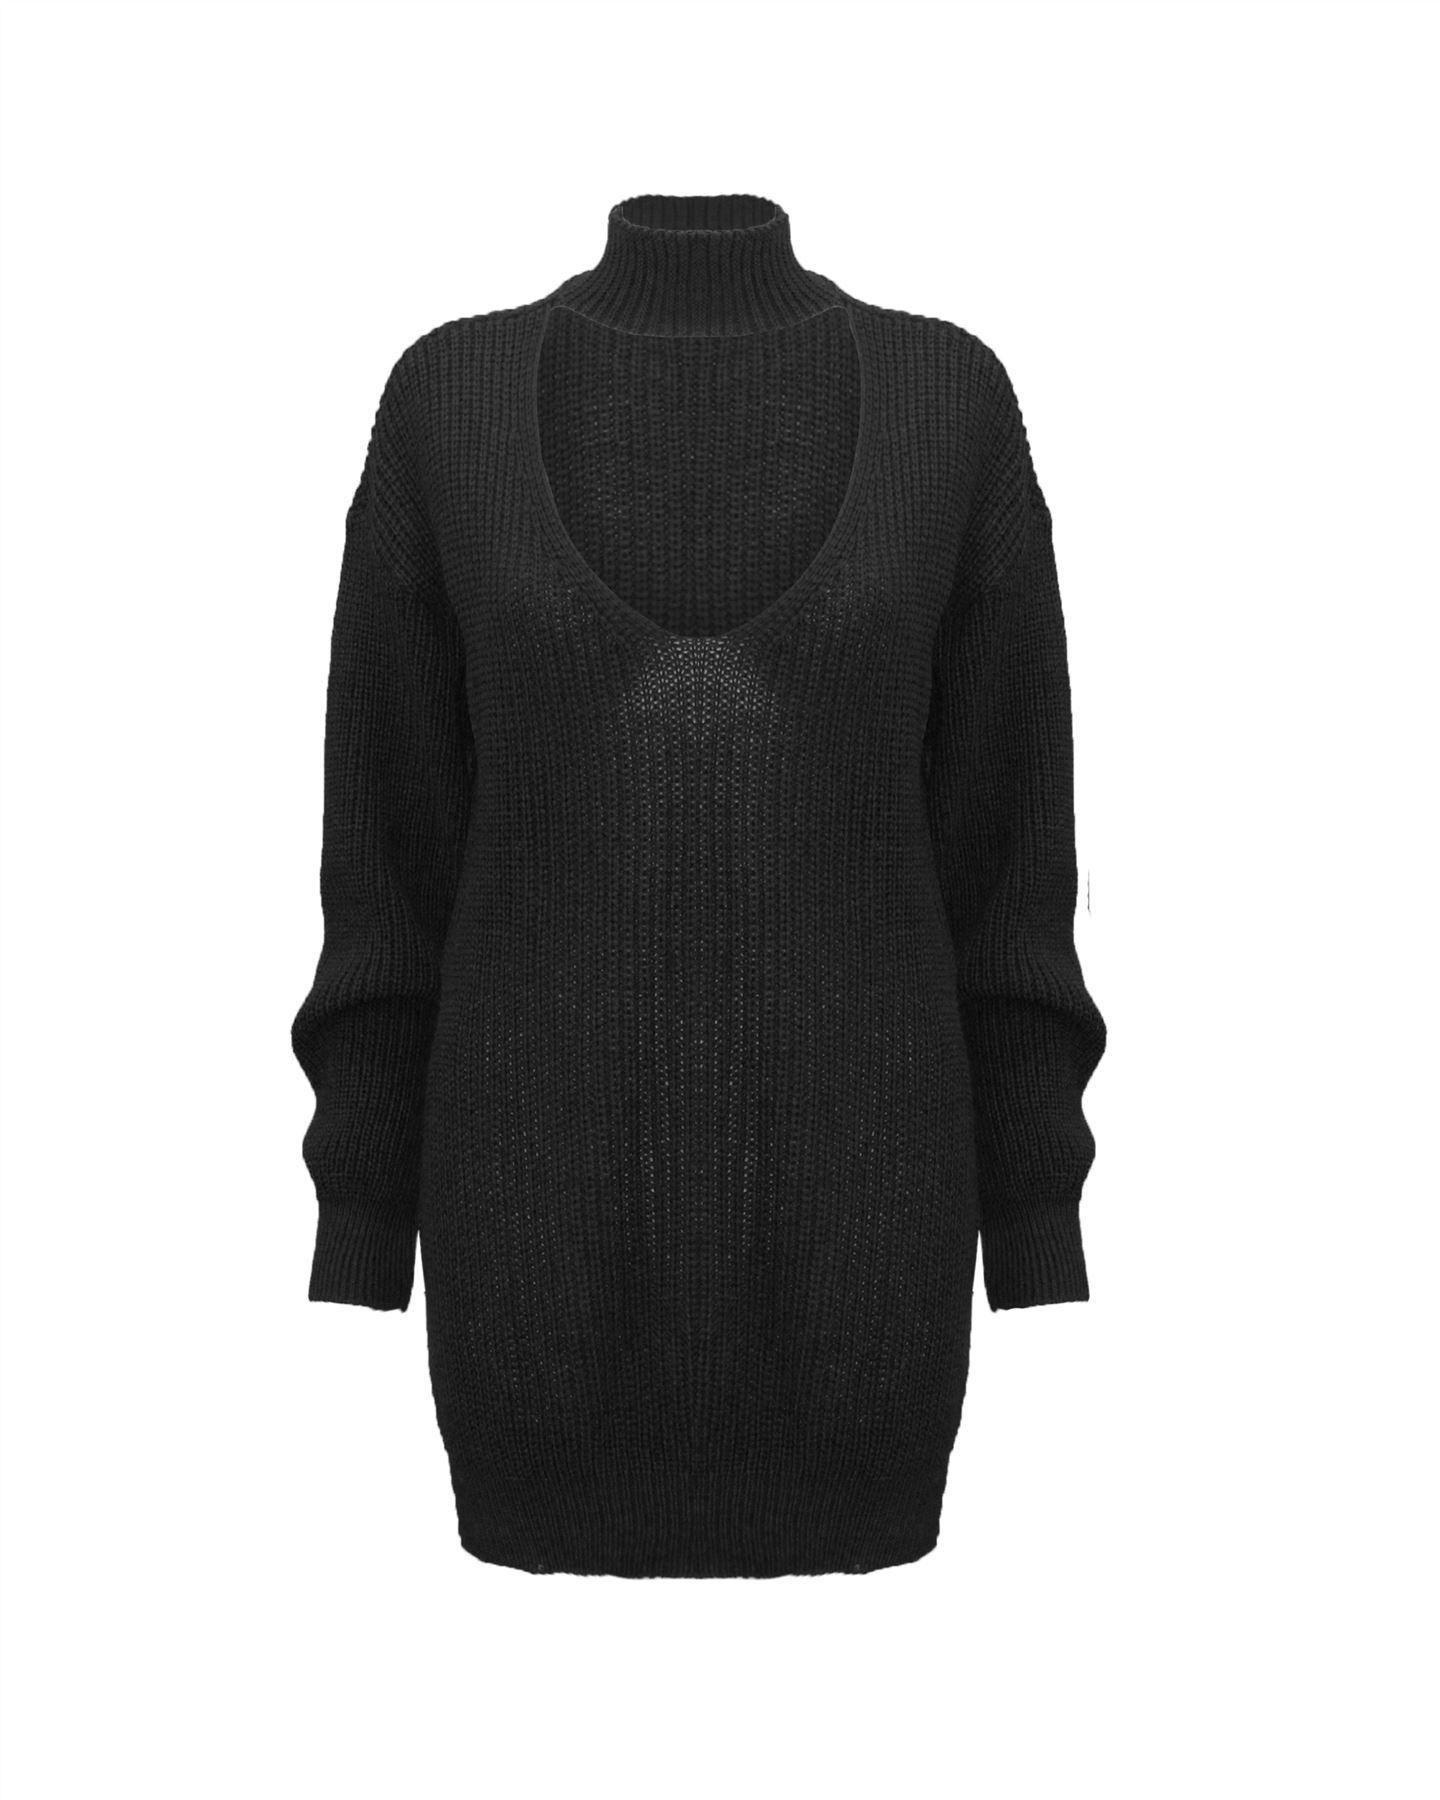 Le-donne-Donna-A-Maglia-Girocollo-Maglione-a-trama-grossa-Collo-Top-Baggy-Over-dimensionati-sweater miniatura 2